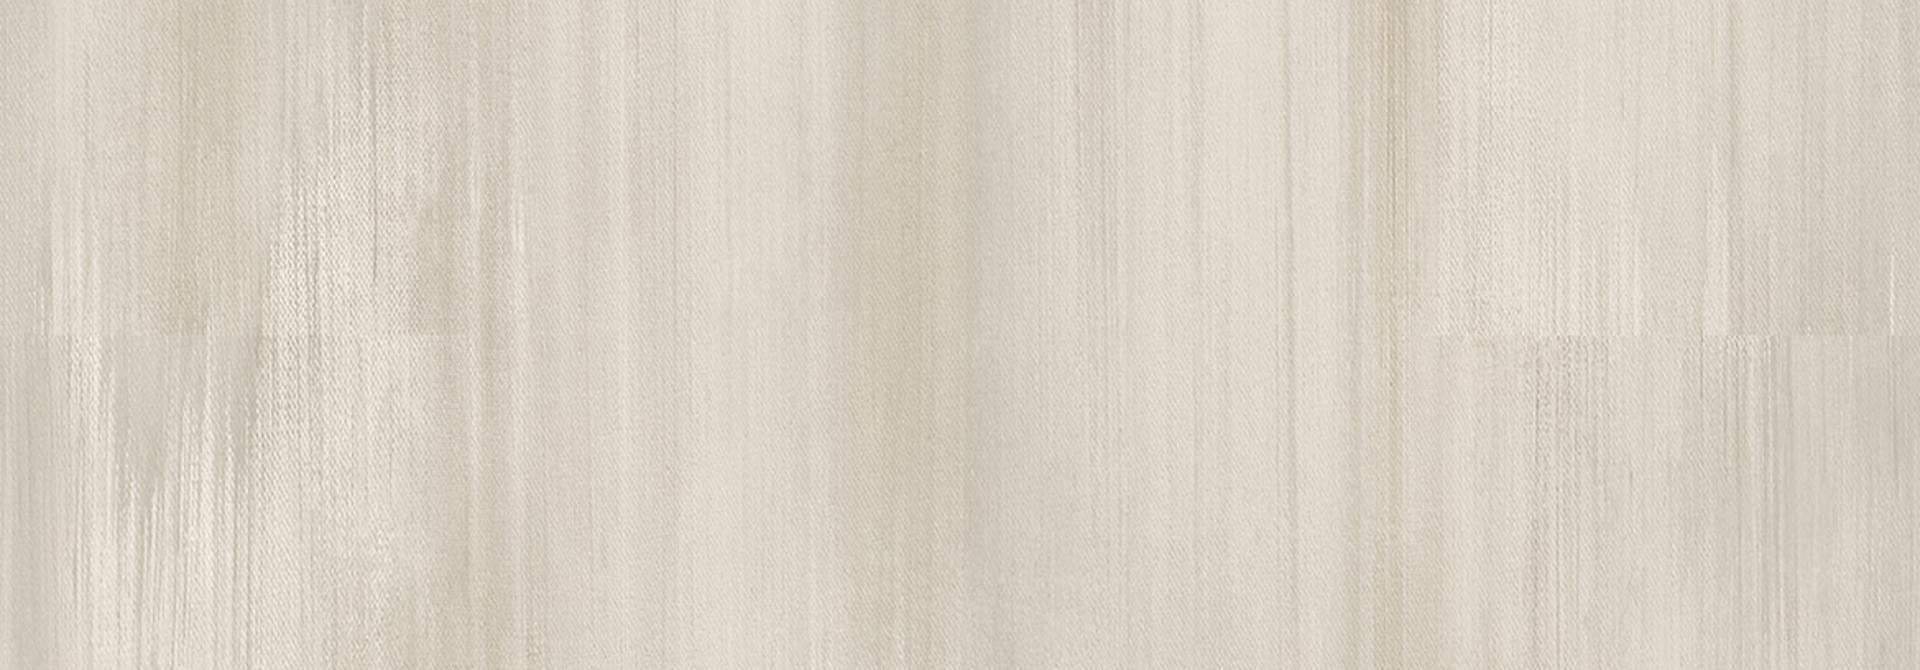 Behang  5038 Blond